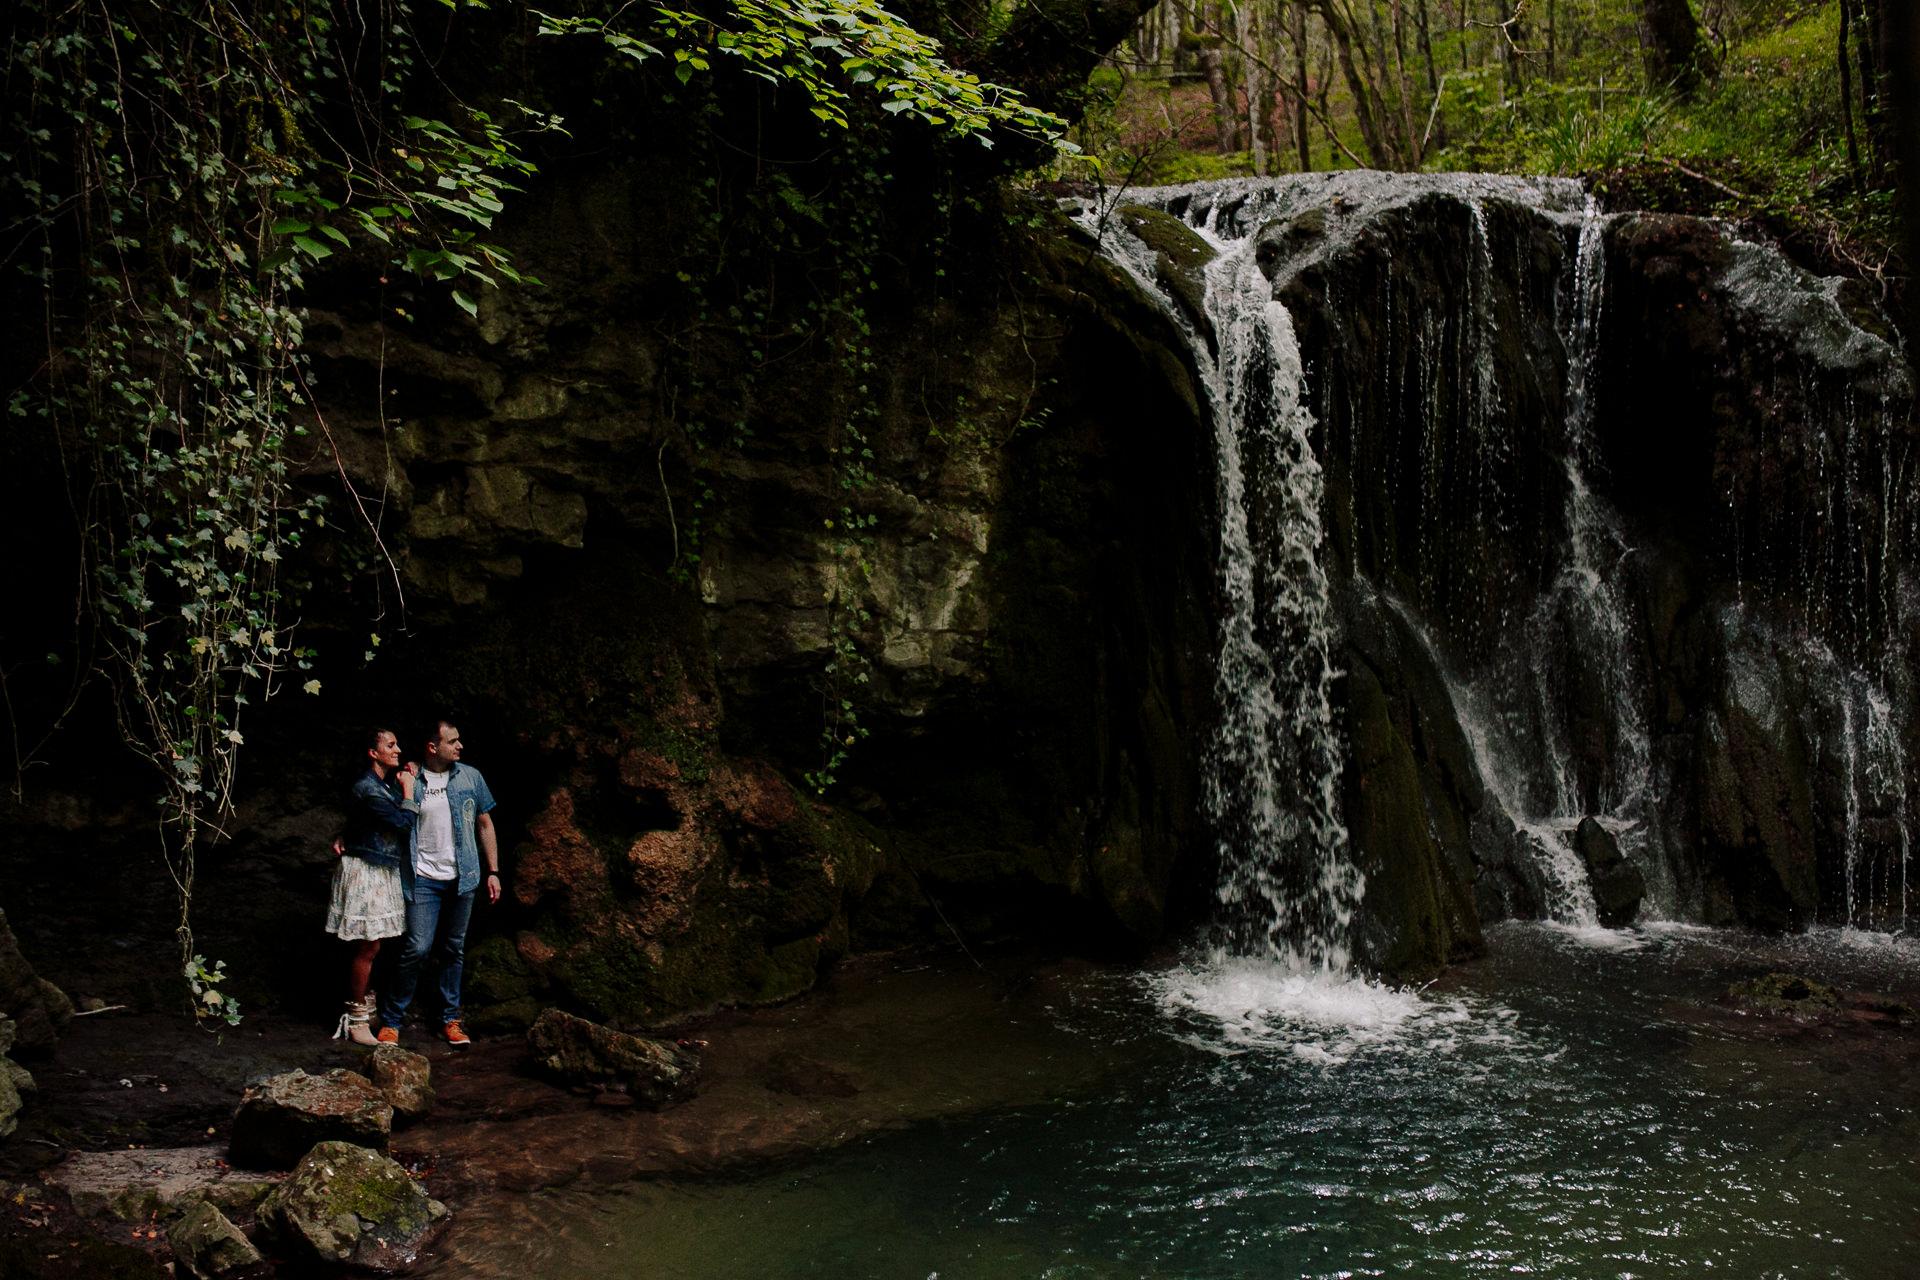 preboda cascada bosque alava 191025